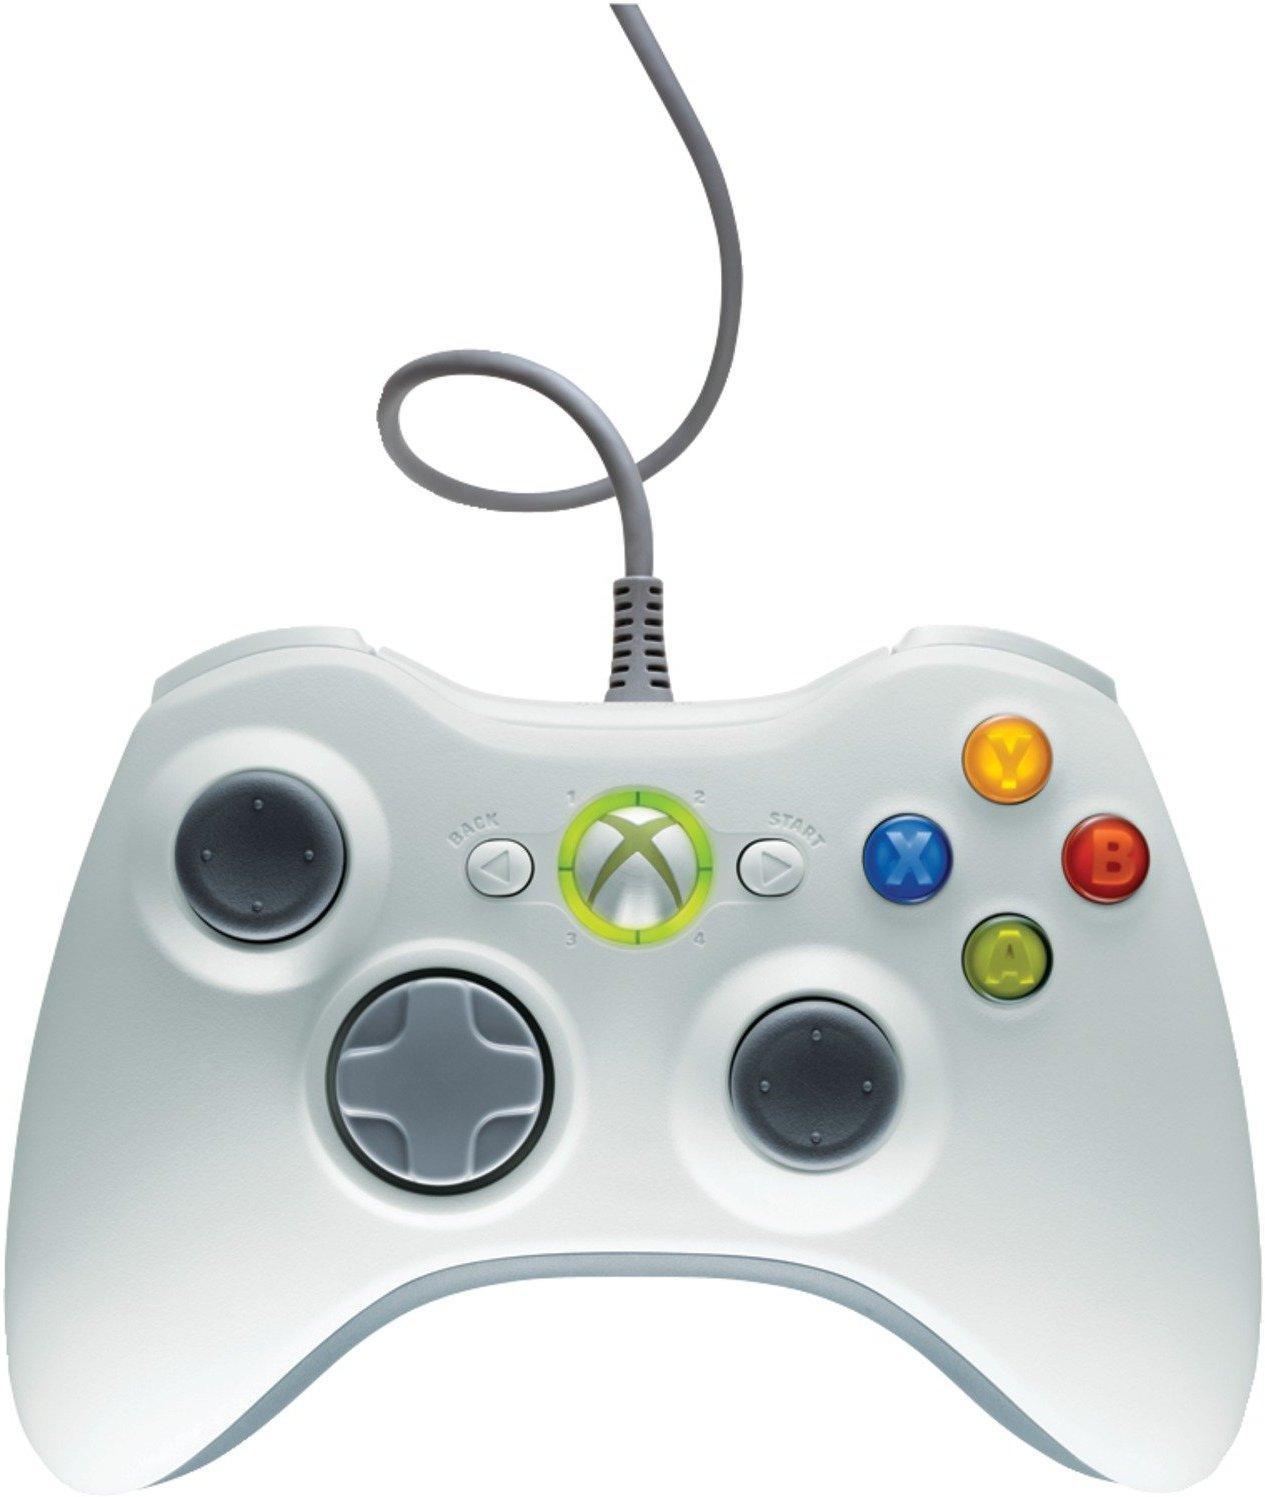 Hình ảnh Tay cầm Xbox360 cho máy tính